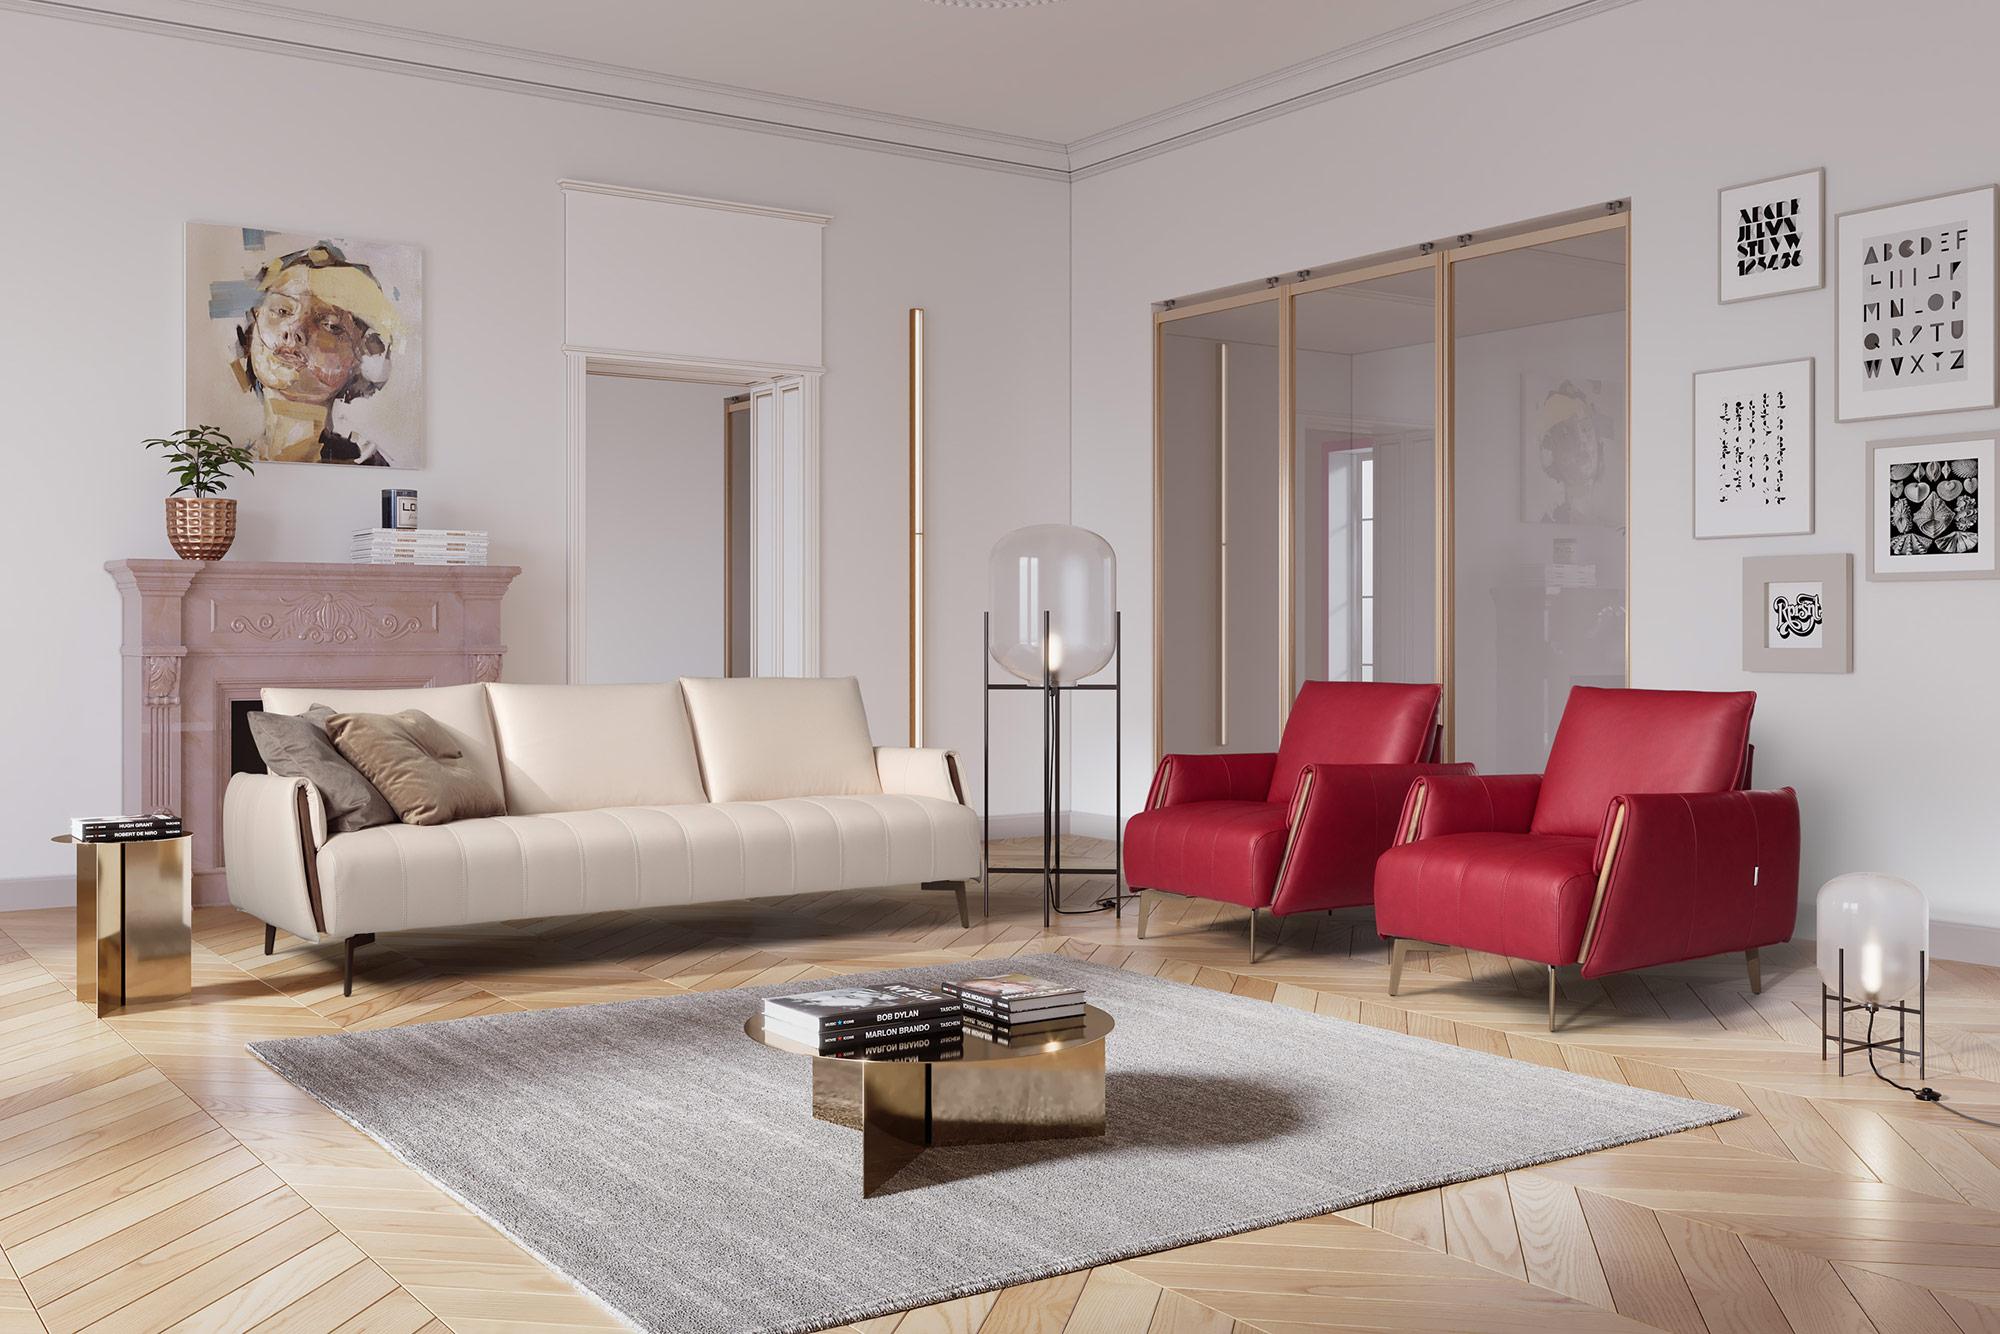 Home - Marinelli Home